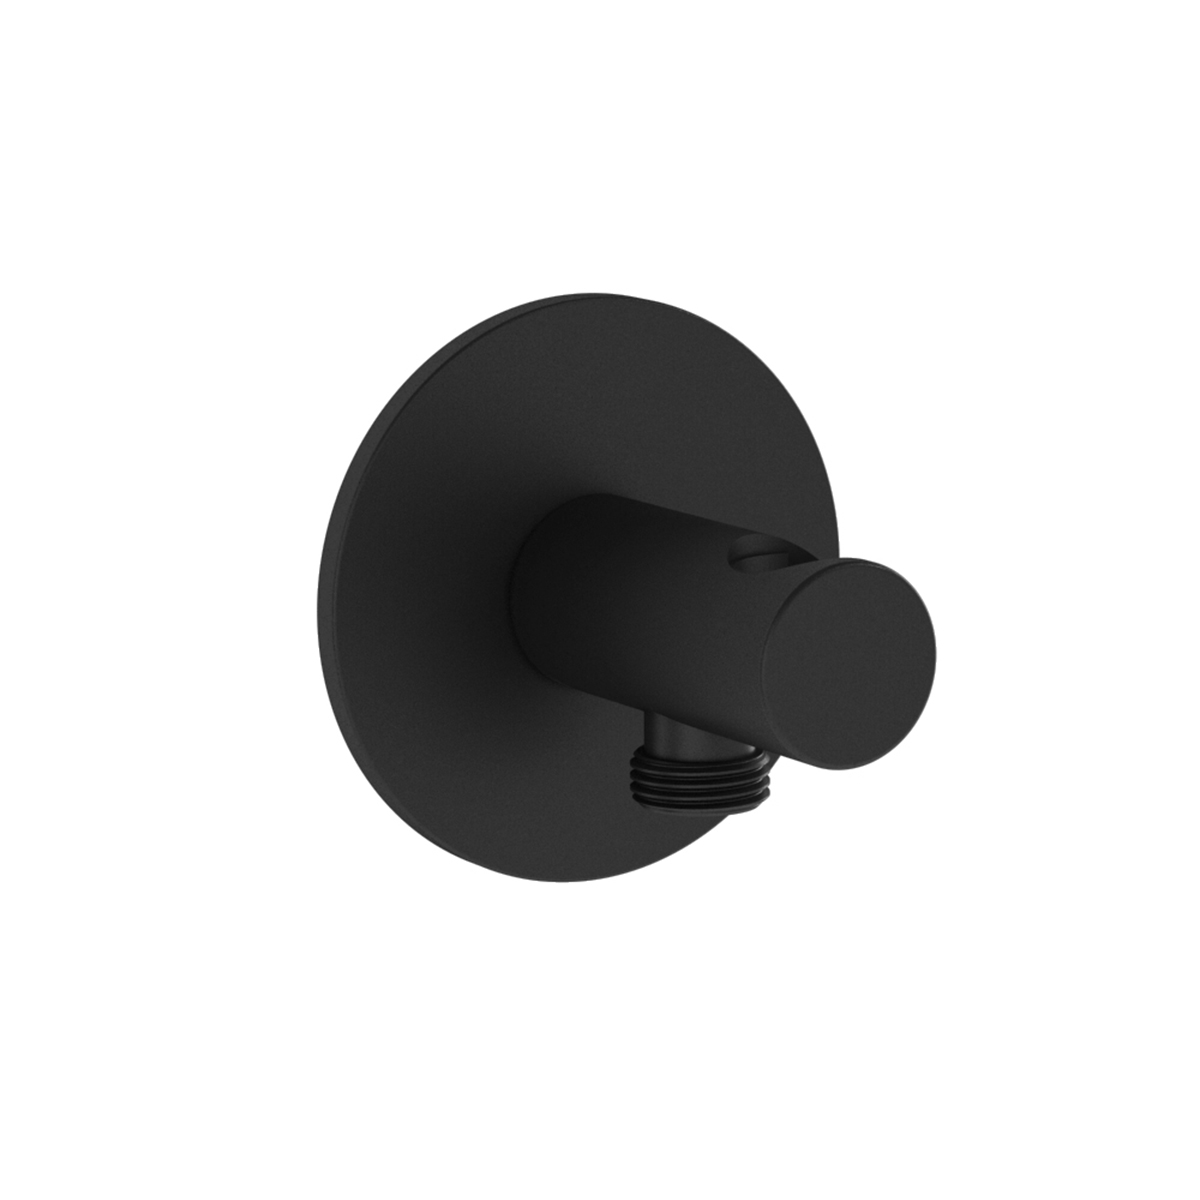 Przyłącze węża Vitra Origin czarny mat A4262536